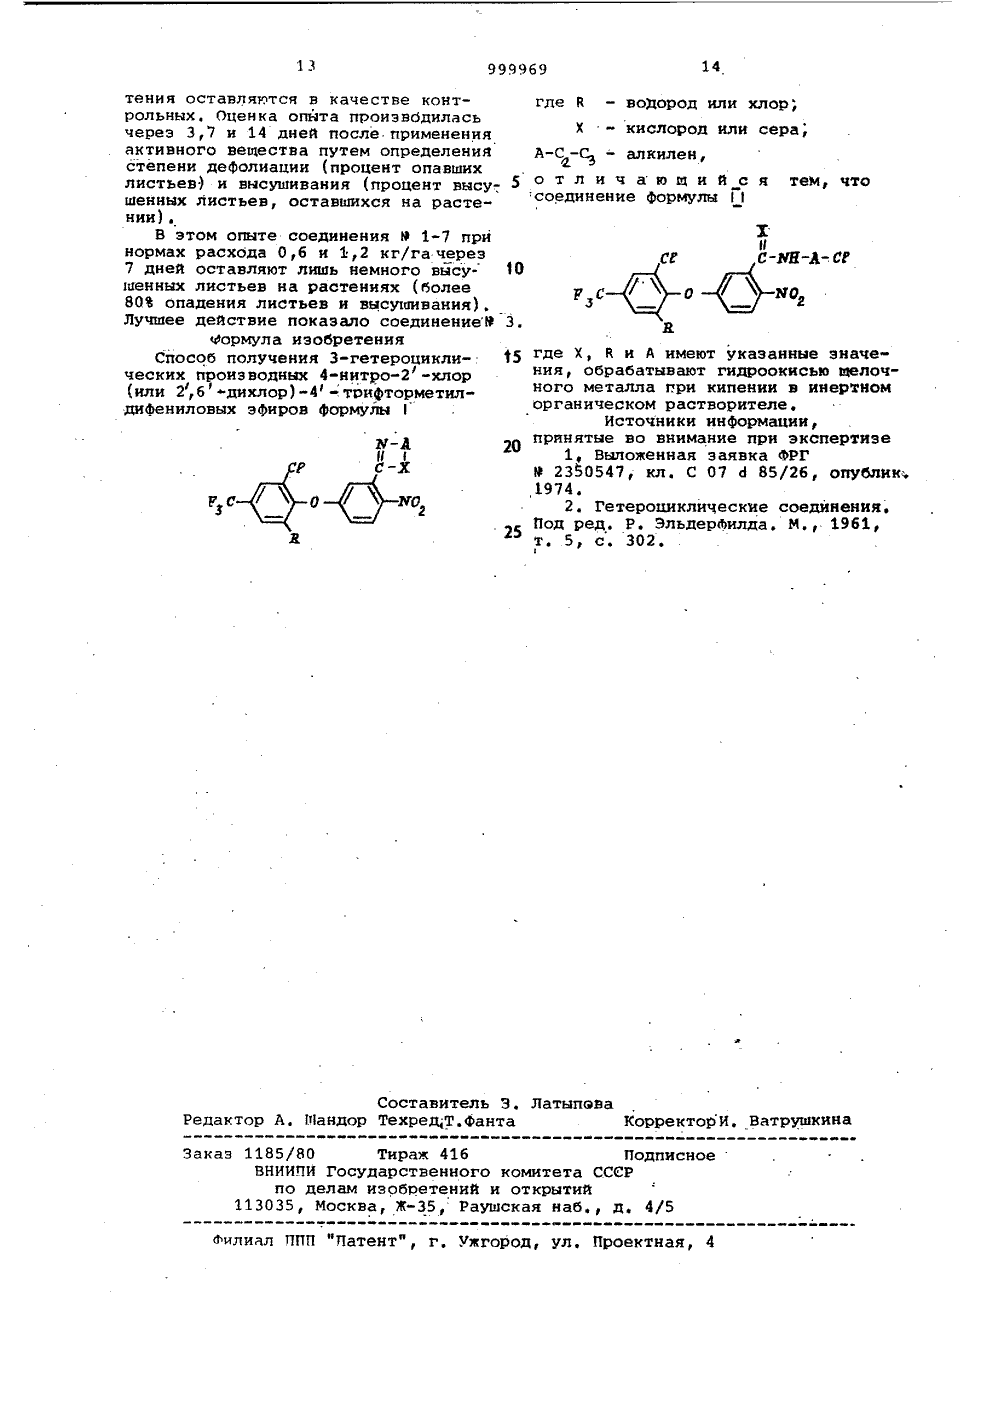 Гетероциклические соединения в 8 т под ред р эльдерфилда